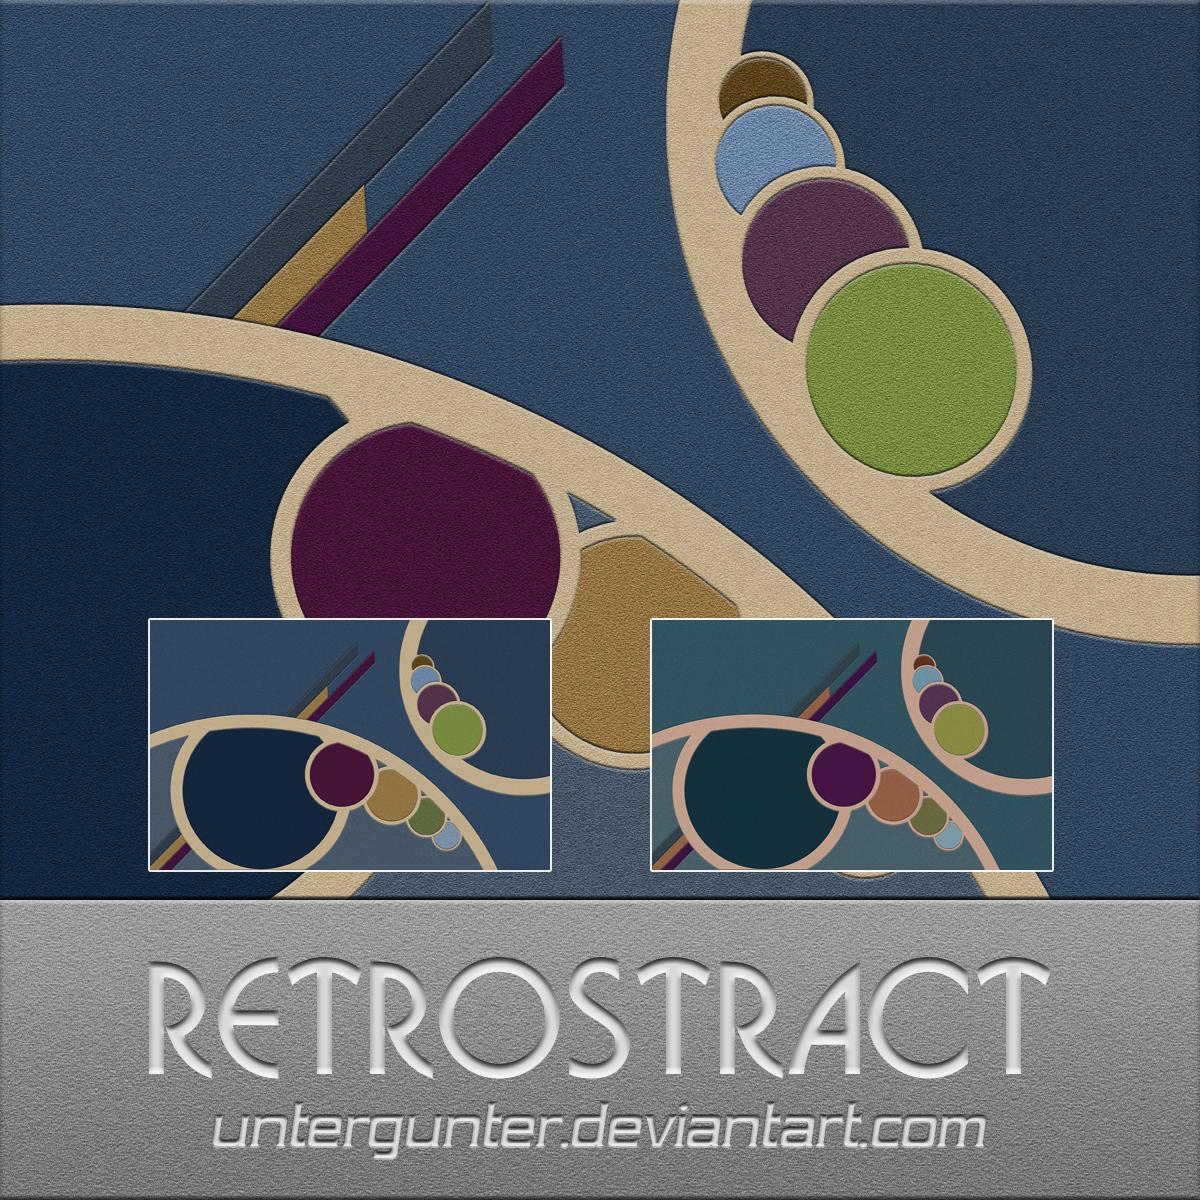 Retrostract by Untergunter